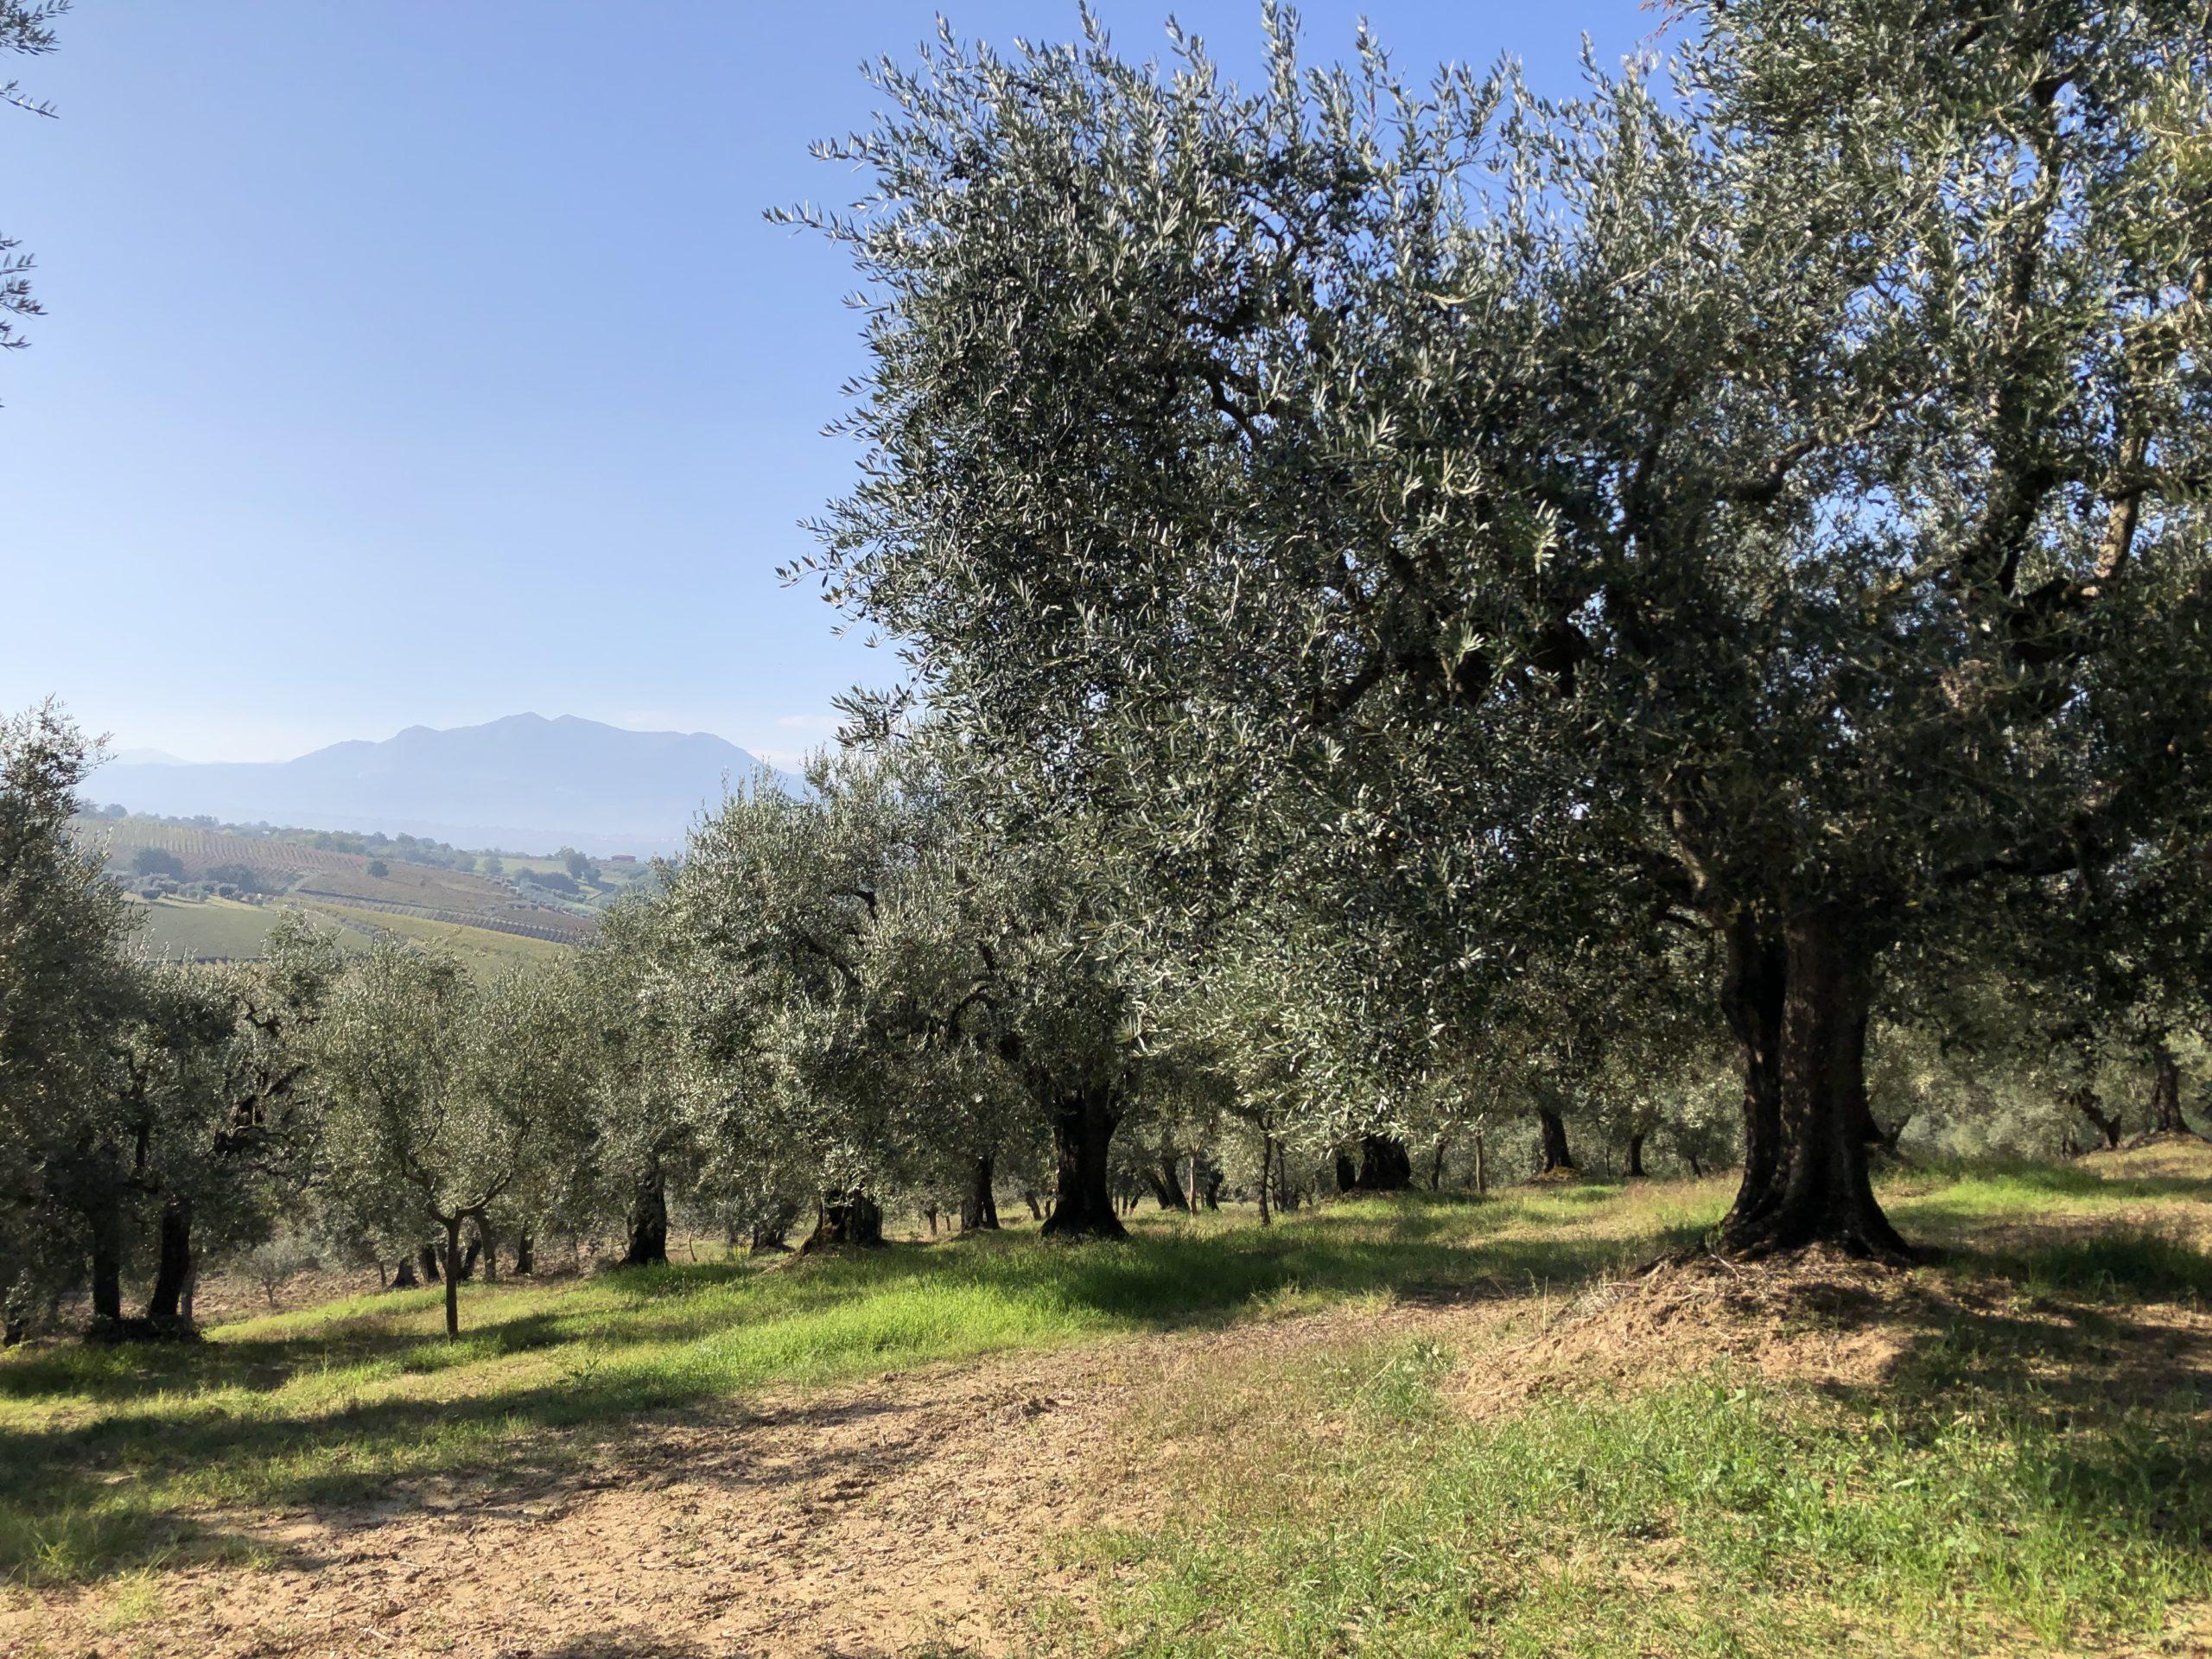 Azienda Agricola Maria Ianniciello